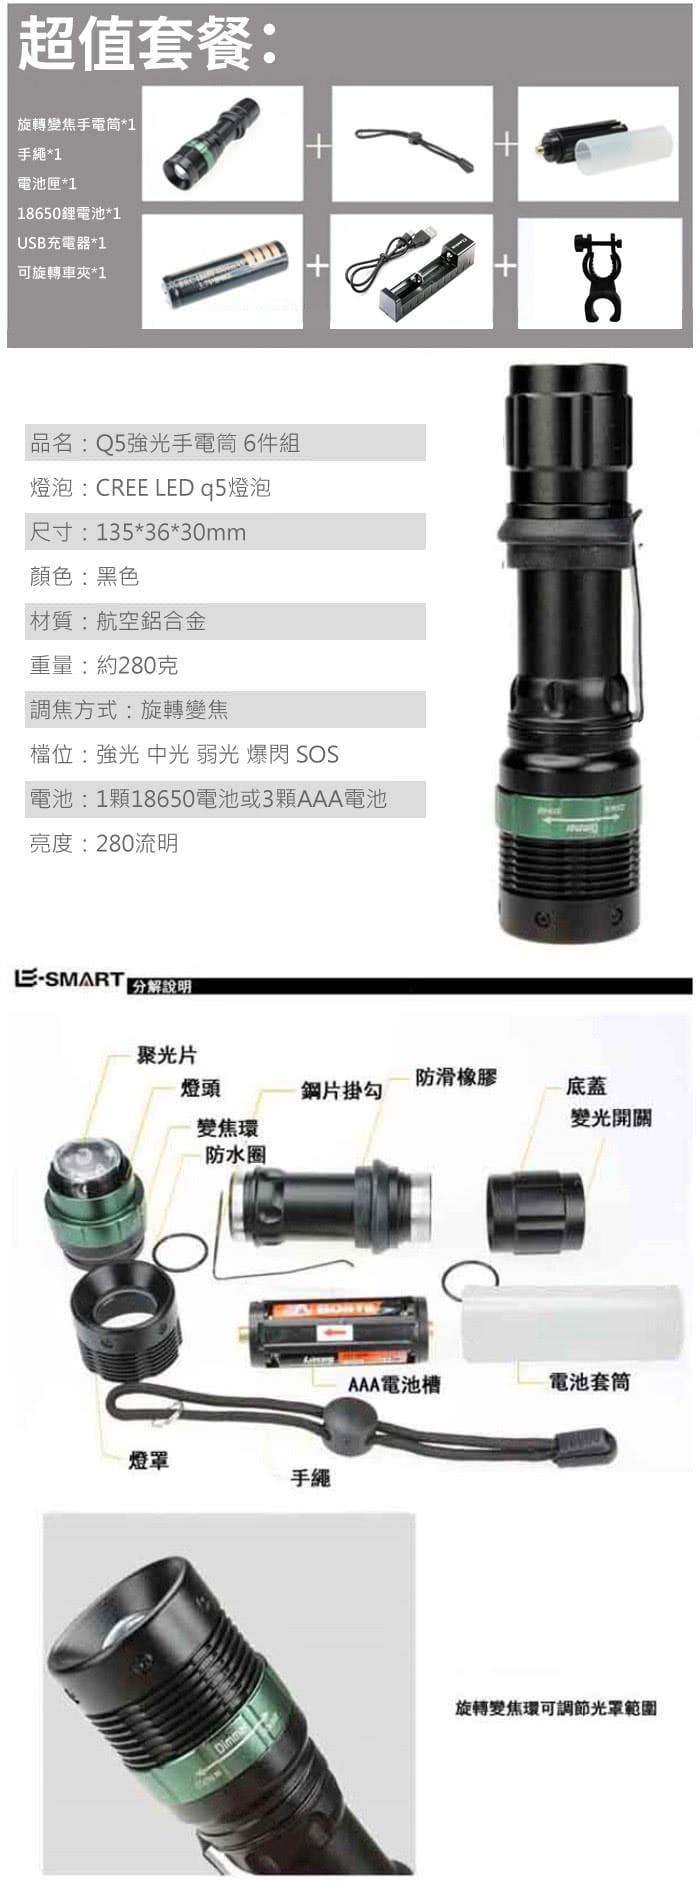 旋轉變焦強光手電筒 Q5 LED 6件組 戰術手電筒自行車燈 1